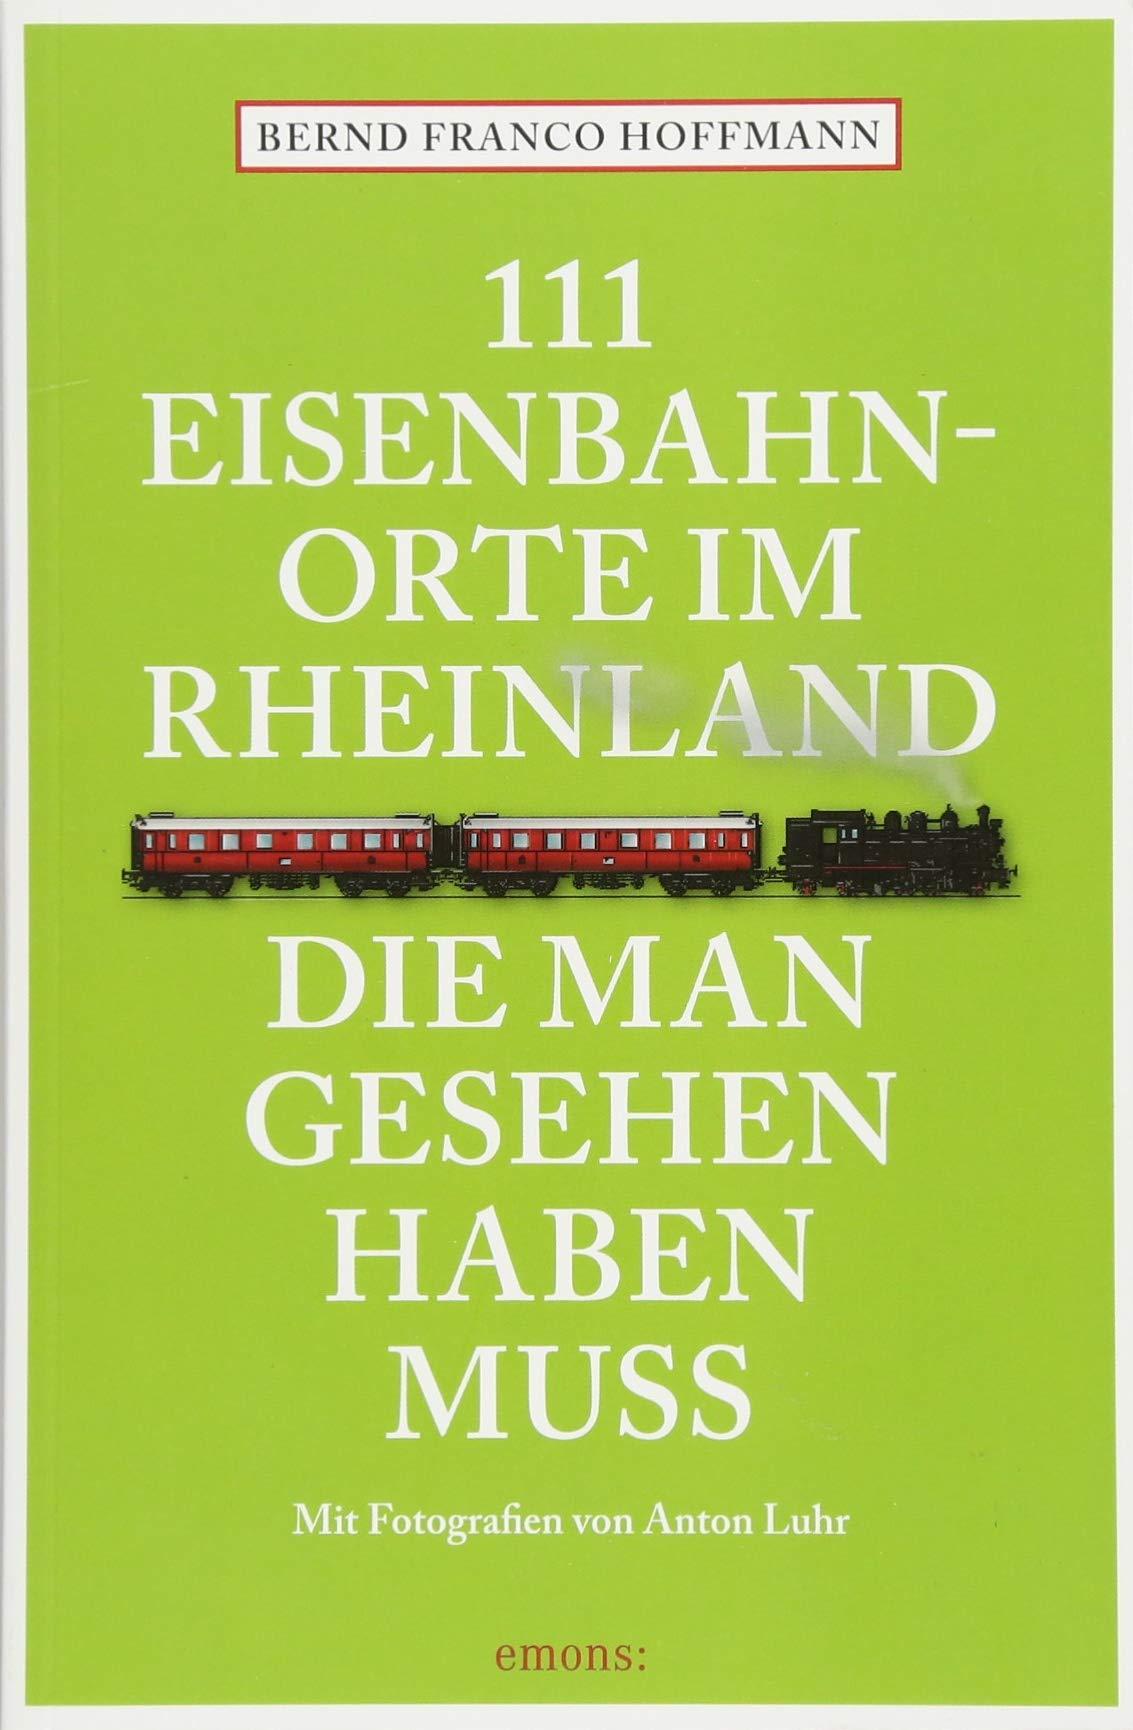 111 Eisenbahnorte im Rheinland, die man gesehen haben muss: Reiseführer (111 Orte ...)